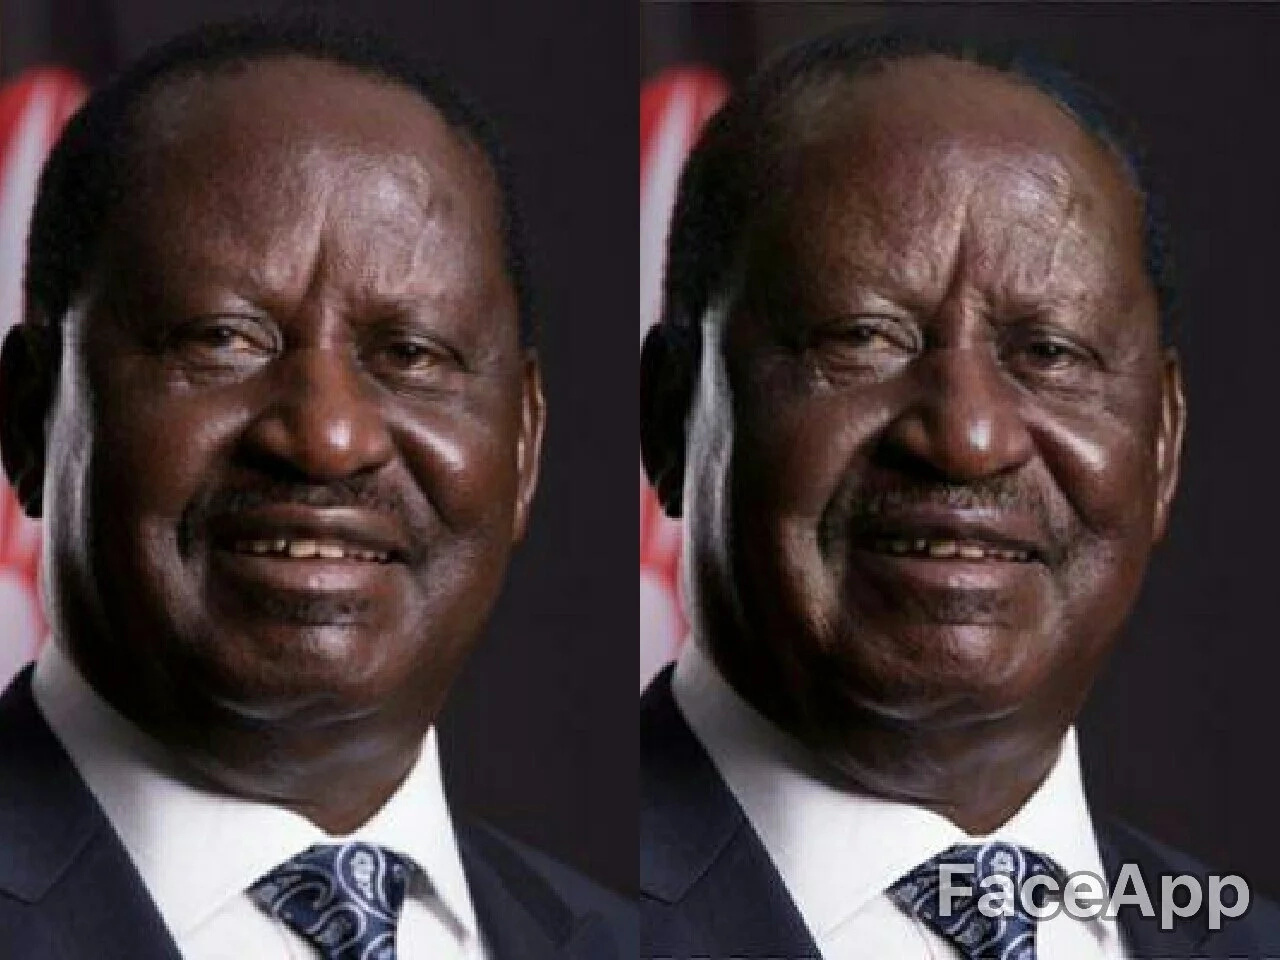 Watazame viongozi wakuu wa kisiasa; Ruto, Uhuru, Raila na Kalonzo watakavyokuwa wakifikisha miaka 90